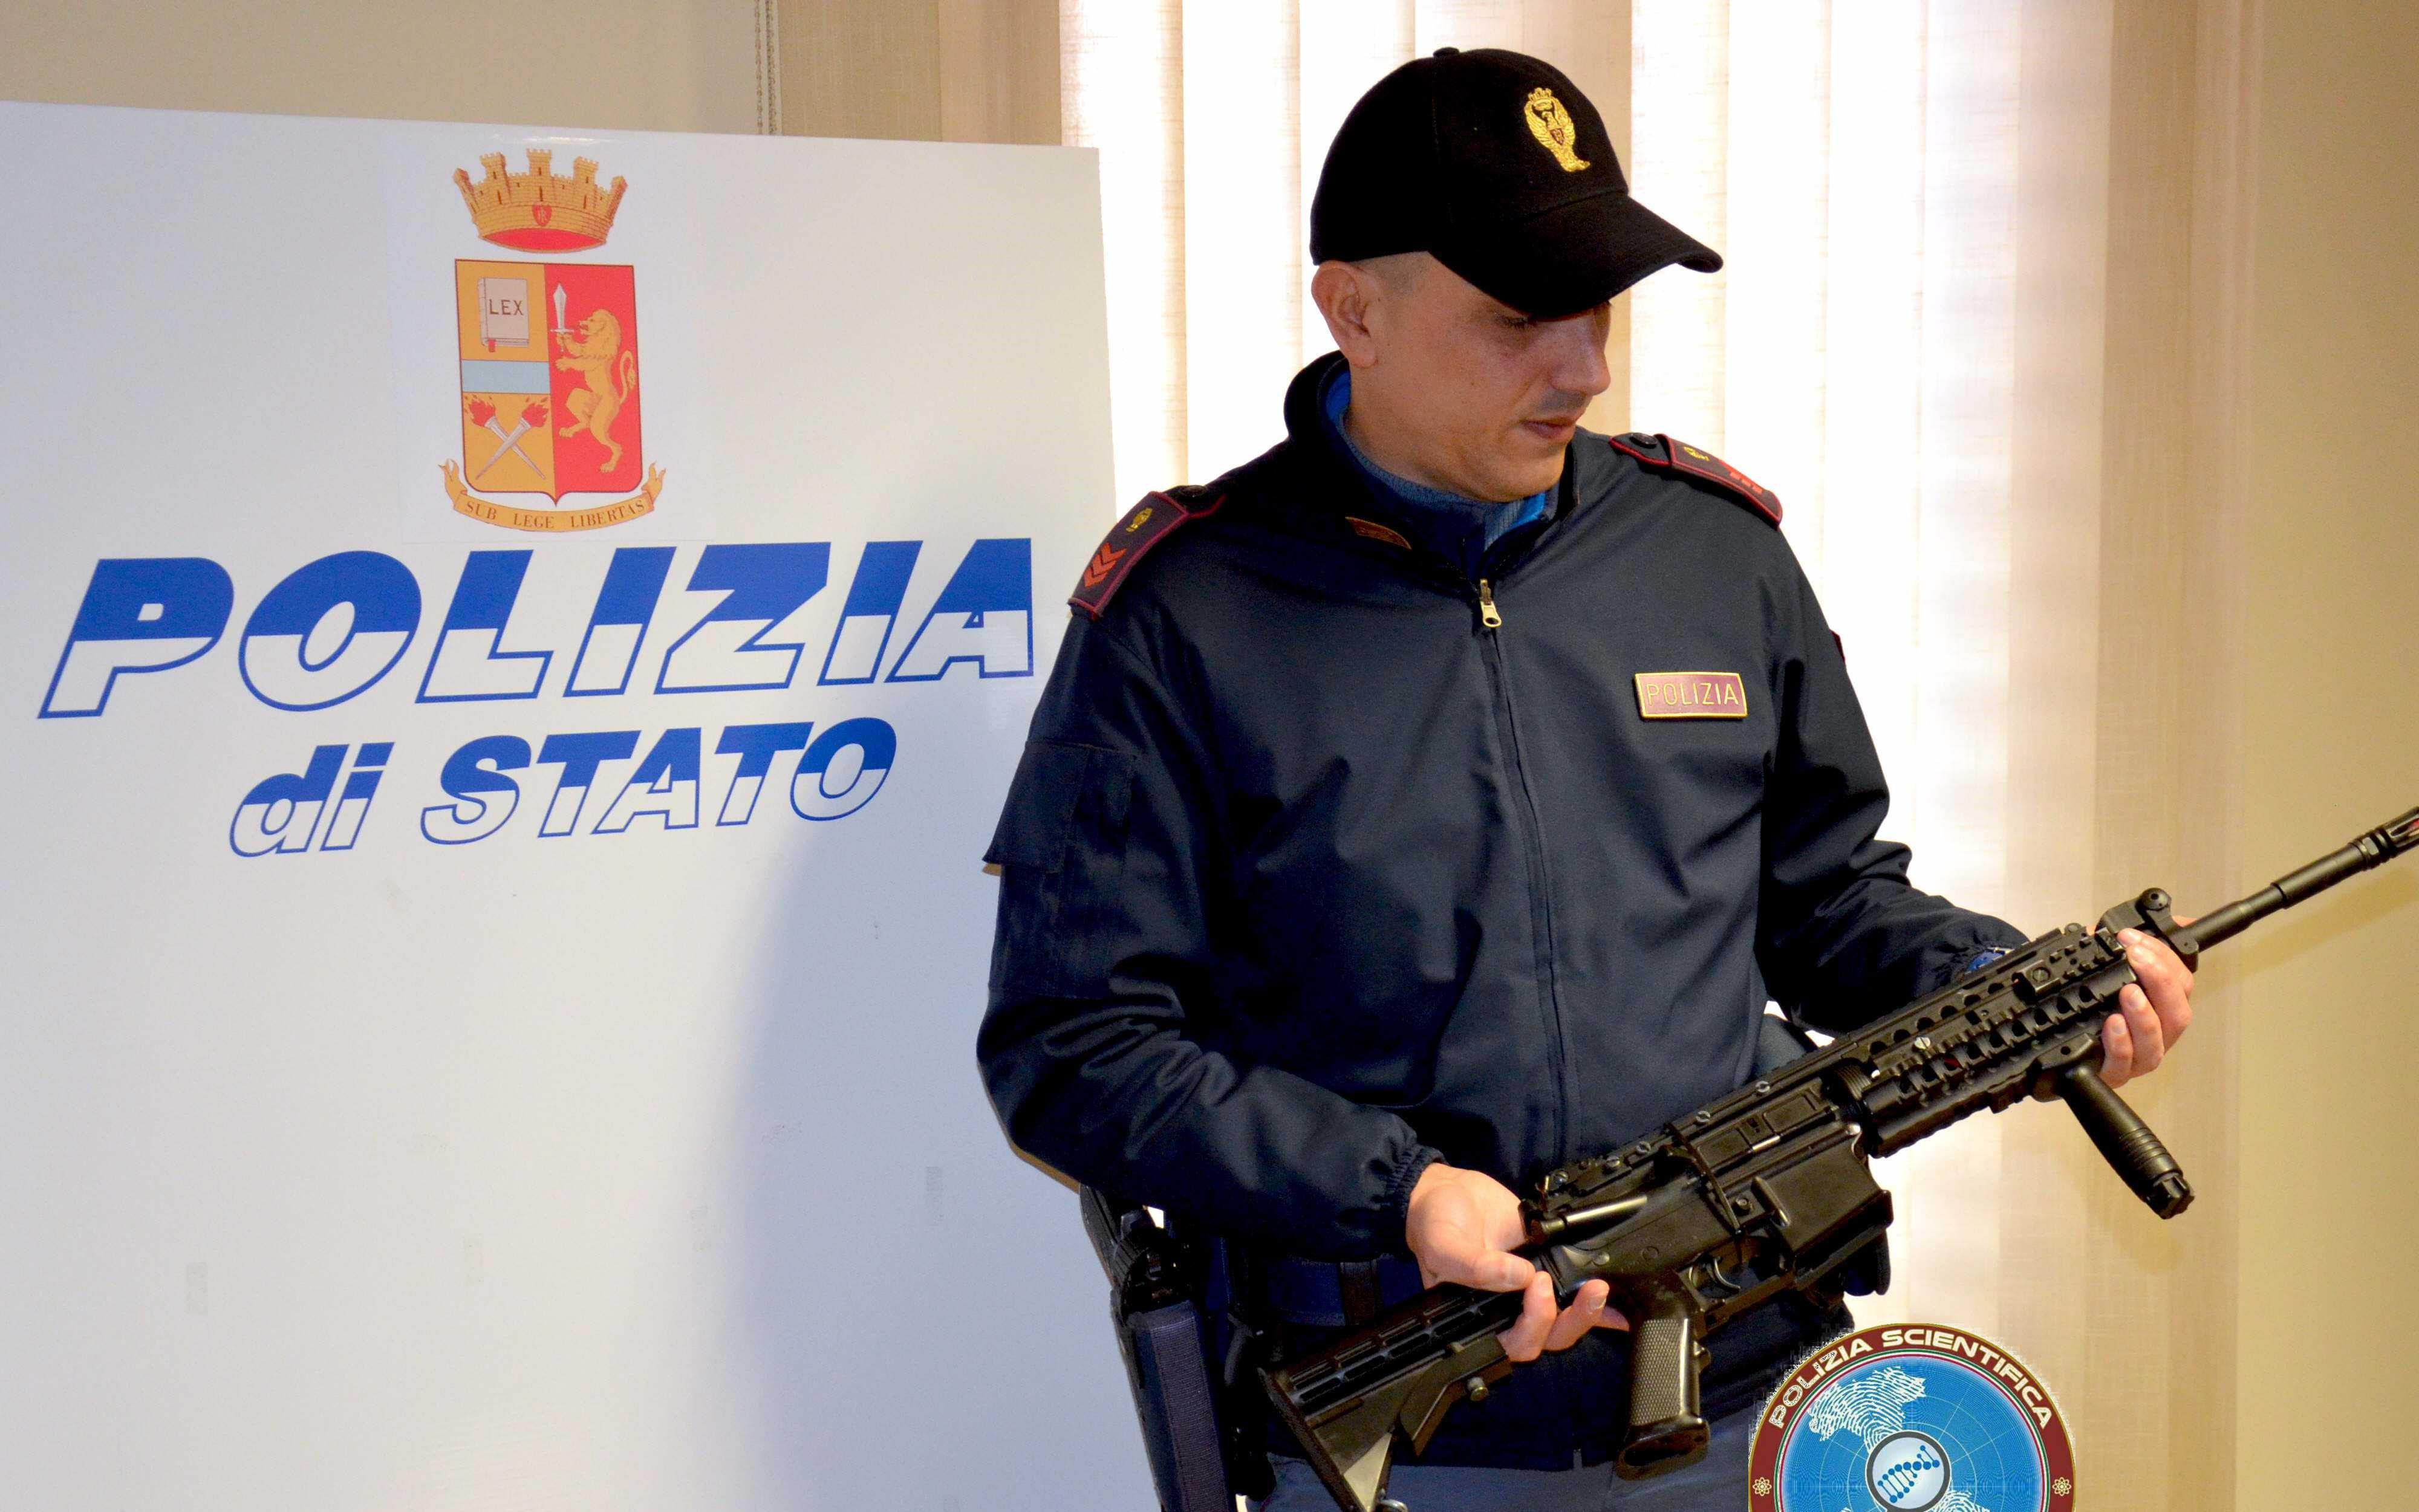 Comiso, un mitra giocattolo mette in allarme cittadini e forze dell'ordine